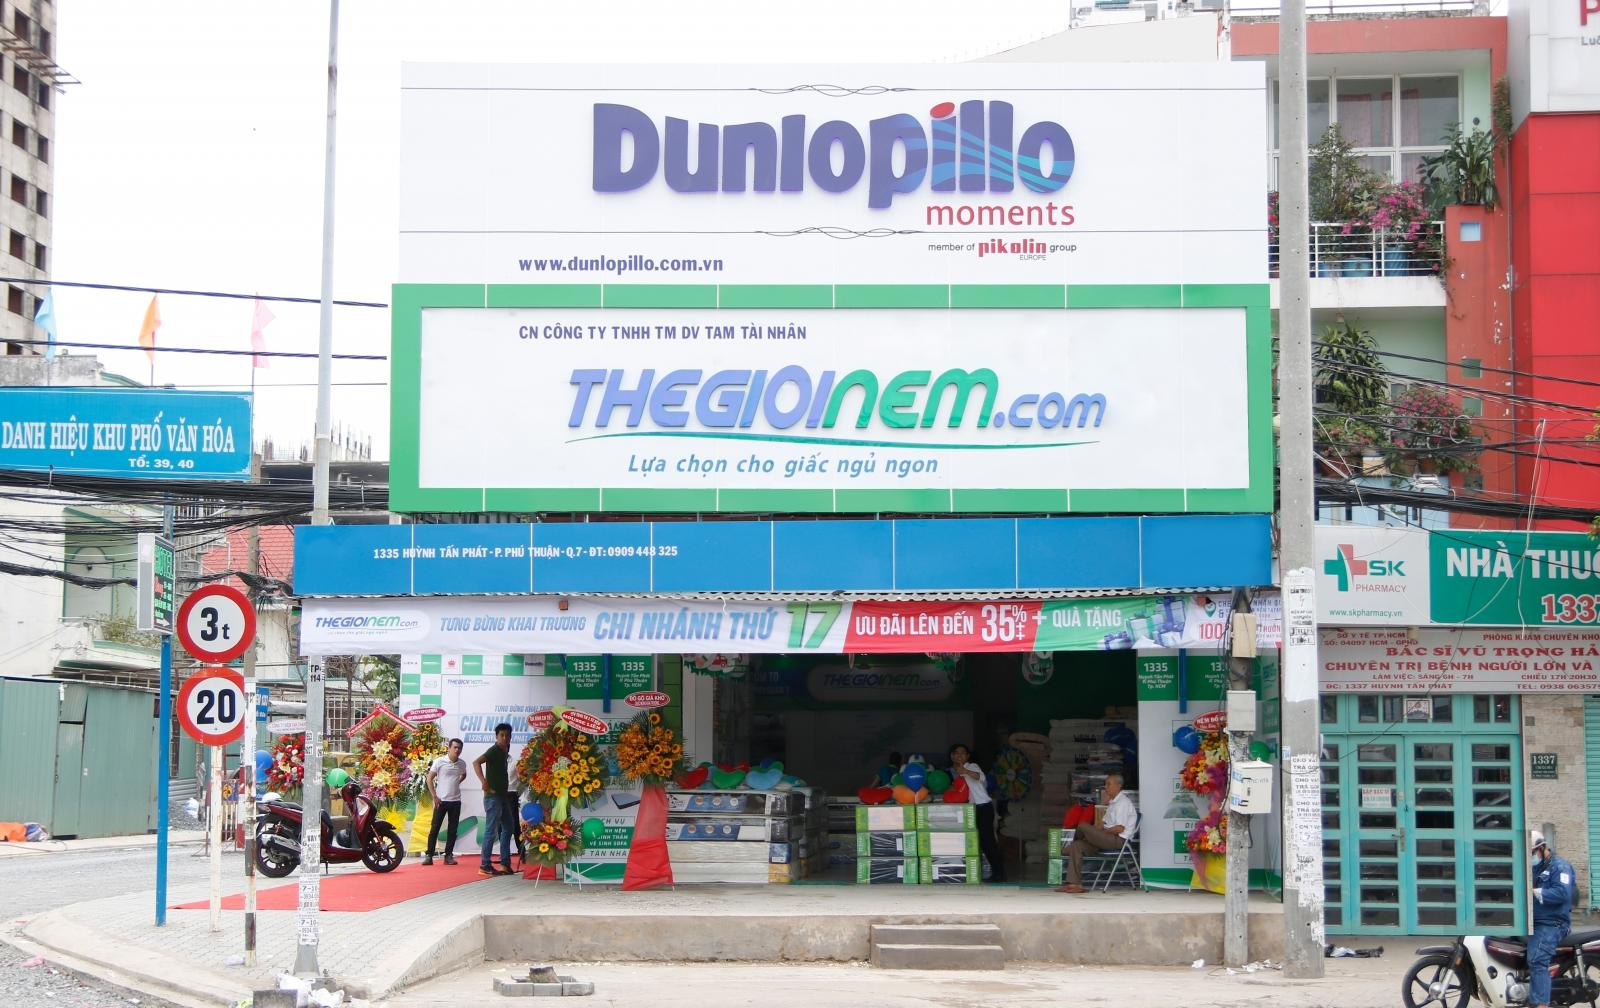 Biển quảng cáo theo nhận diện thương hiệu của Thegioinem.com